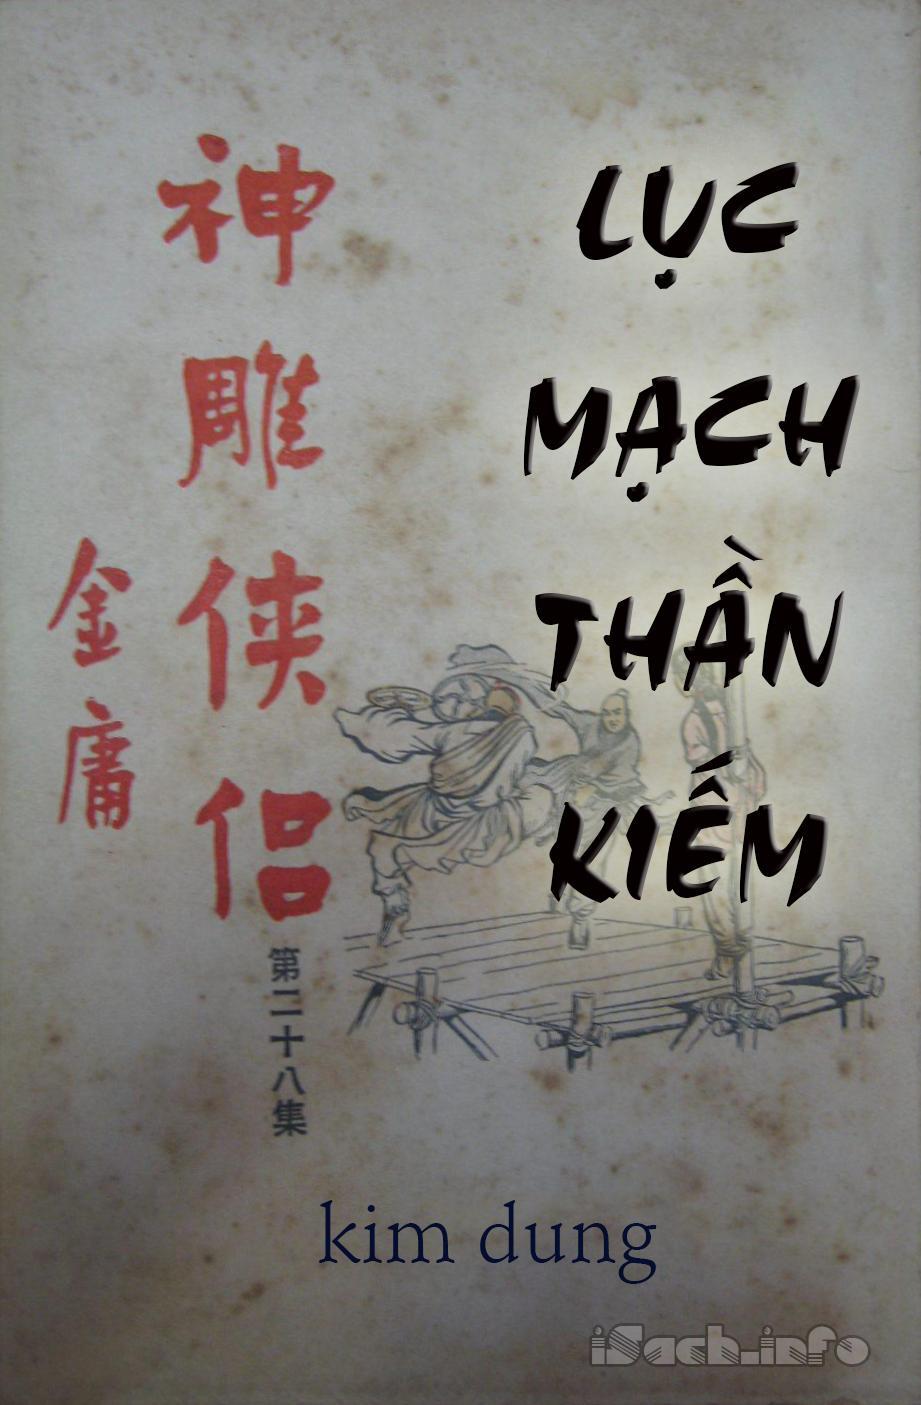 Lục Mạch Thần Kiếm - Kim Dung